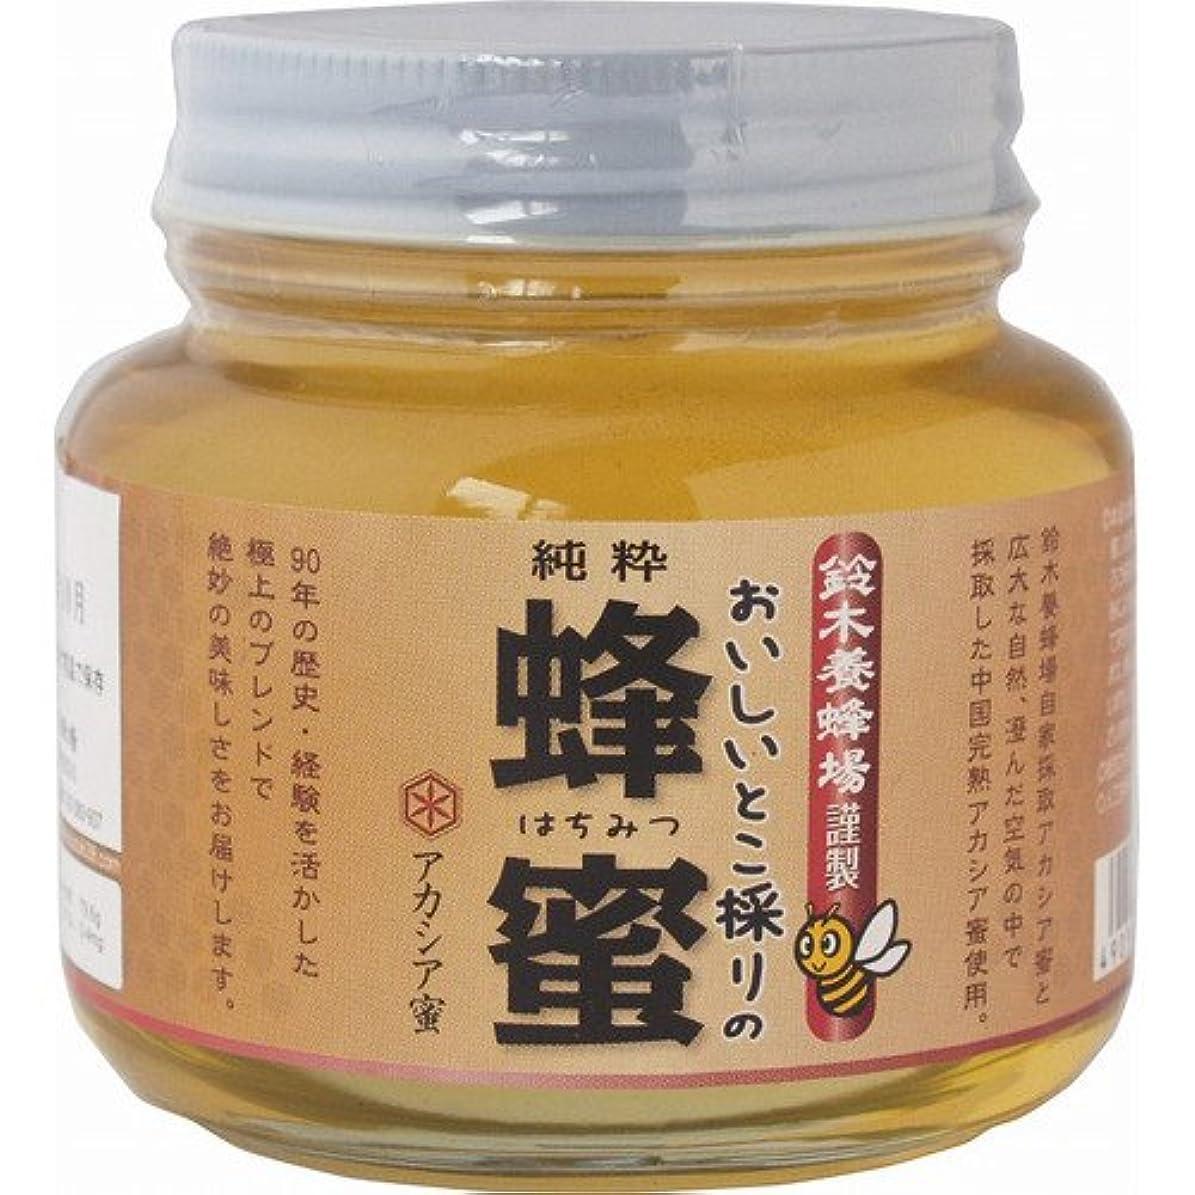 悪質な退屈させるプレゼント鈴木養蜂場 おいしいとこ採り蜂蜜アカシア 450g